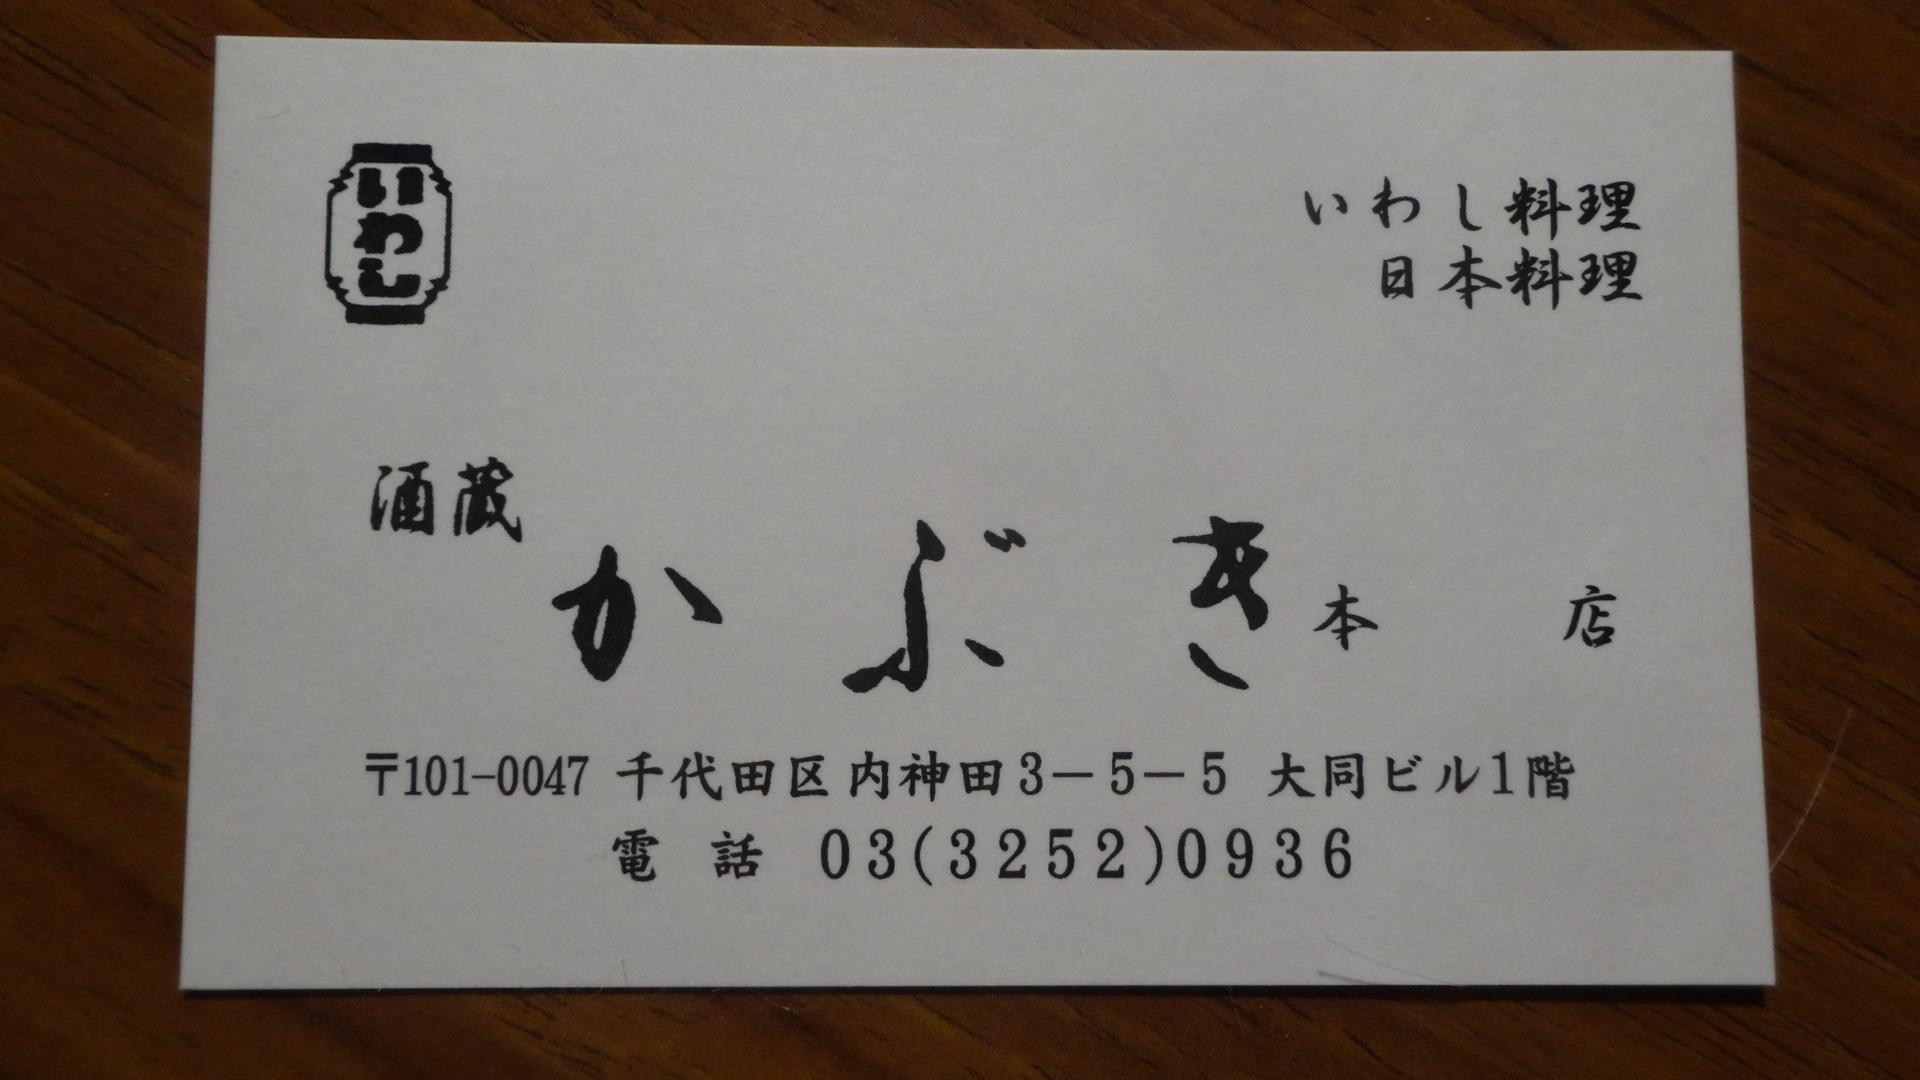 鰯料理専門店・かぶきの名刺